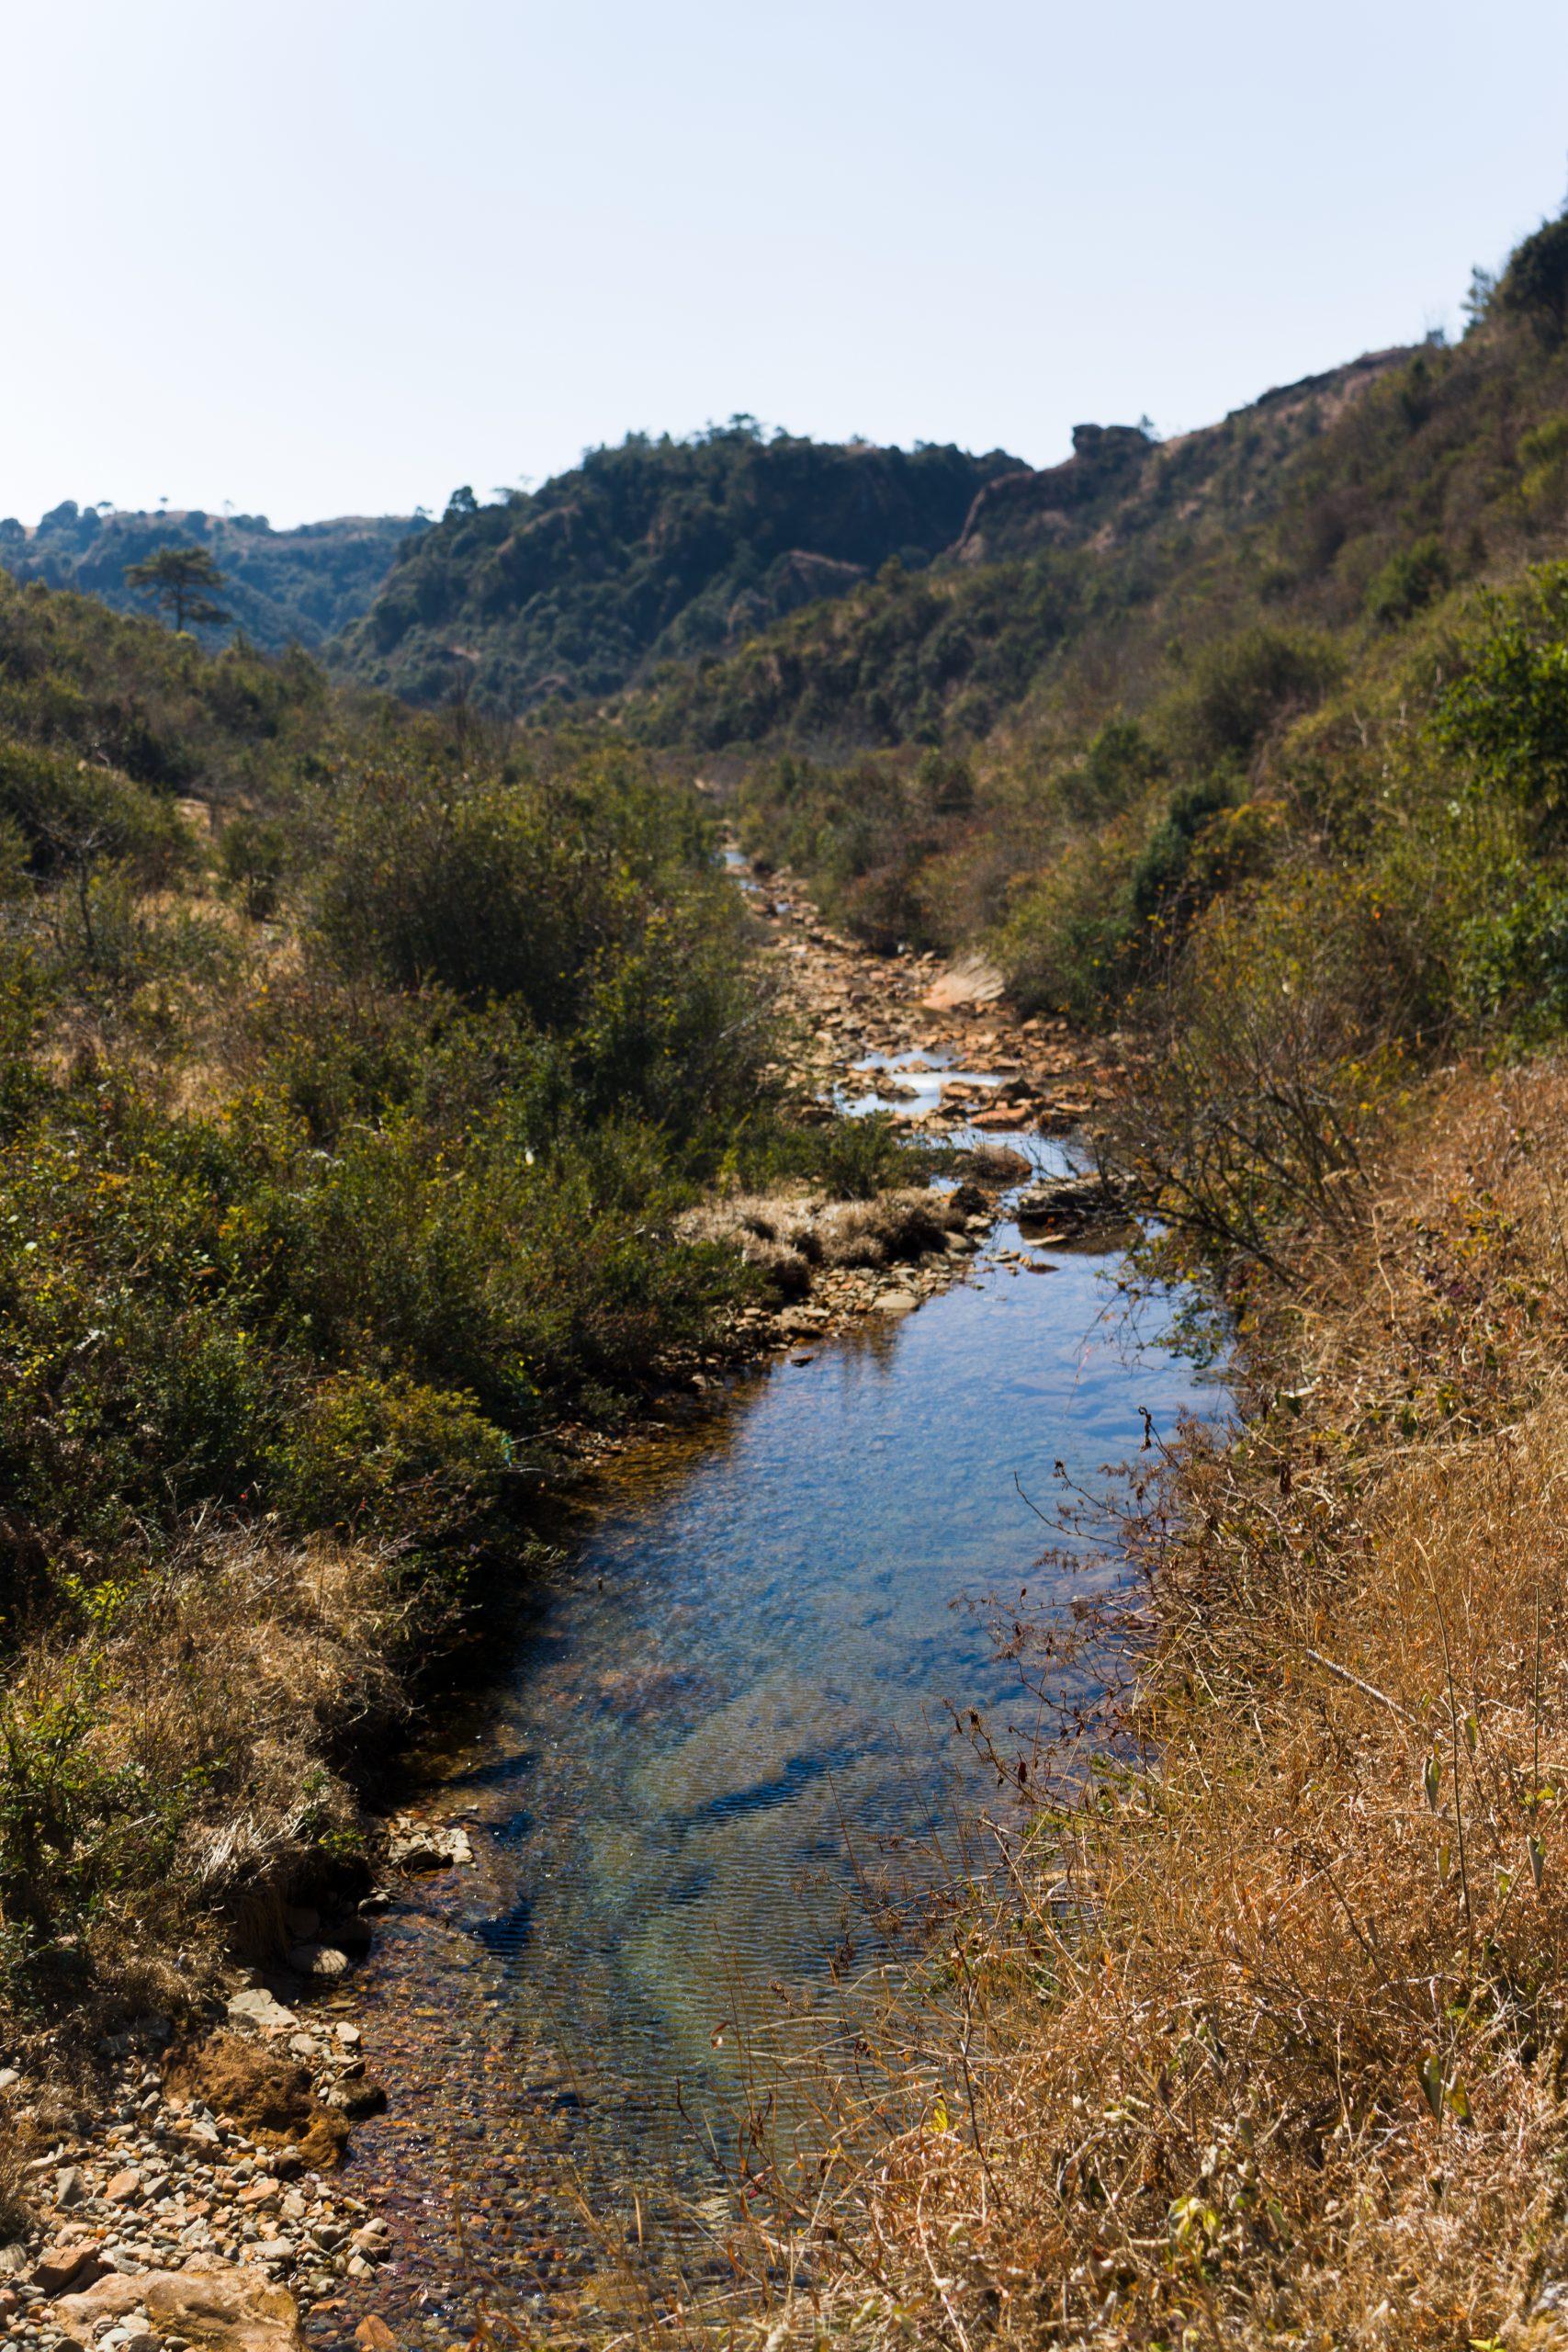 Water accumulated under hills